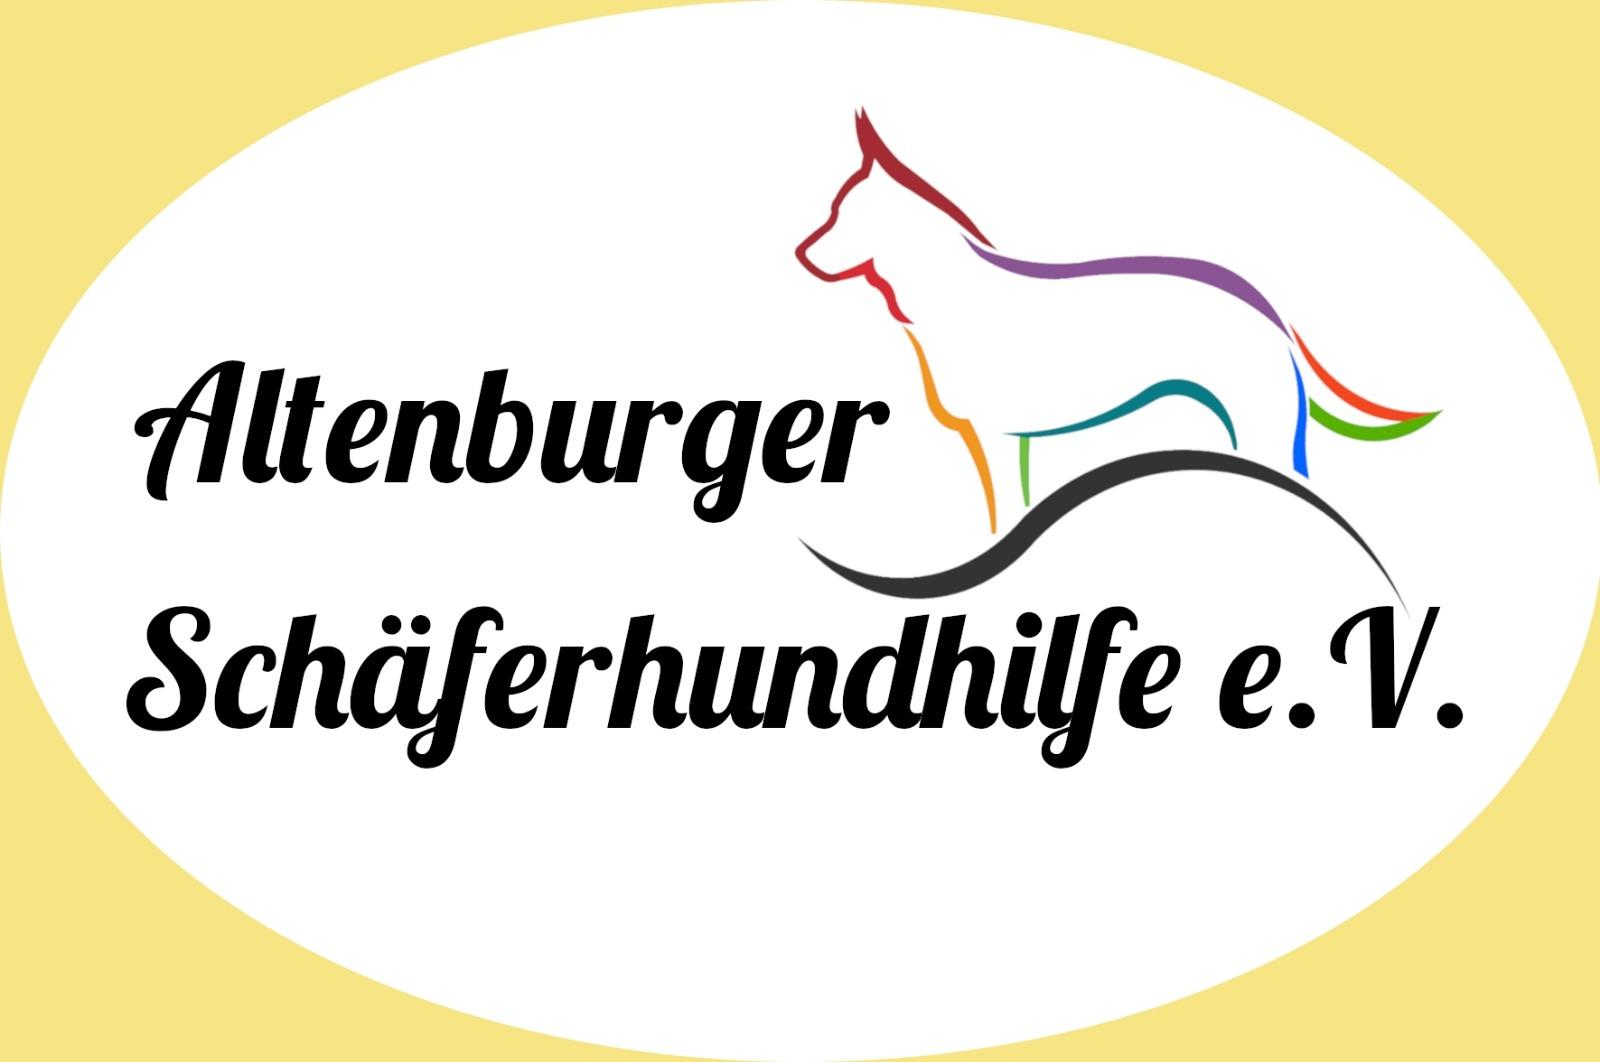 Altenburger Schäferhundhilfe e.V.